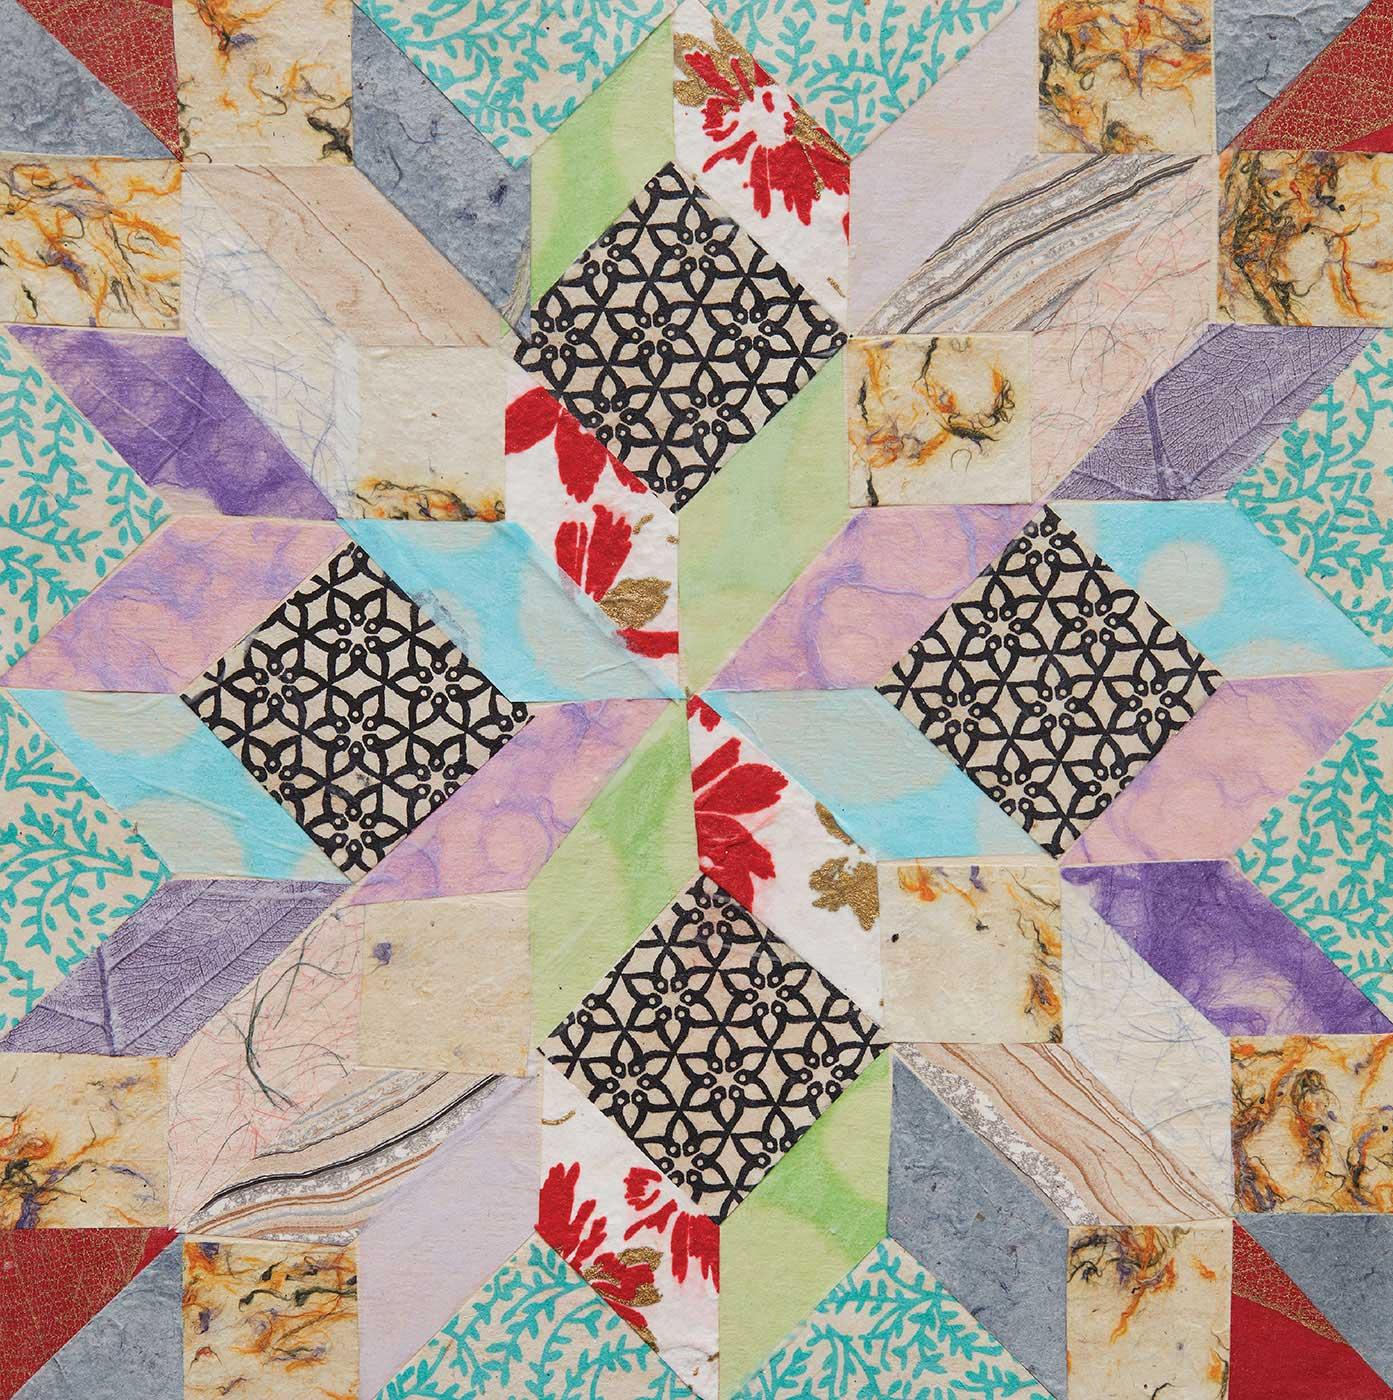 Alyssa J. Pisciotto - Mosaic